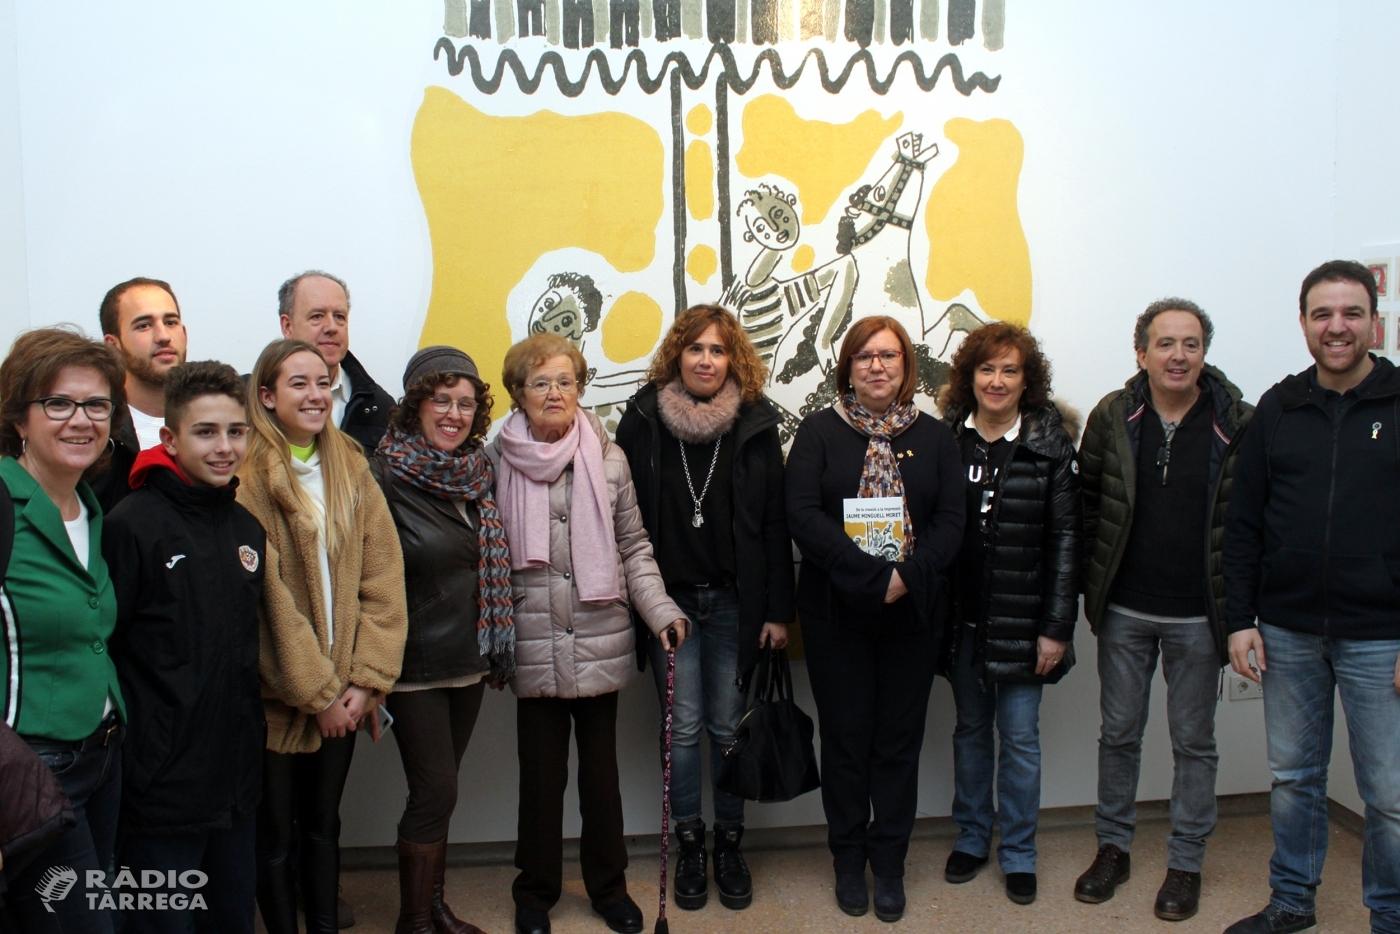 La Sala Marsà de Tàrrega acull fins al 6 de gener una exposició sobre el vessant com a il·lustrador de l'artista Jaume Minguell